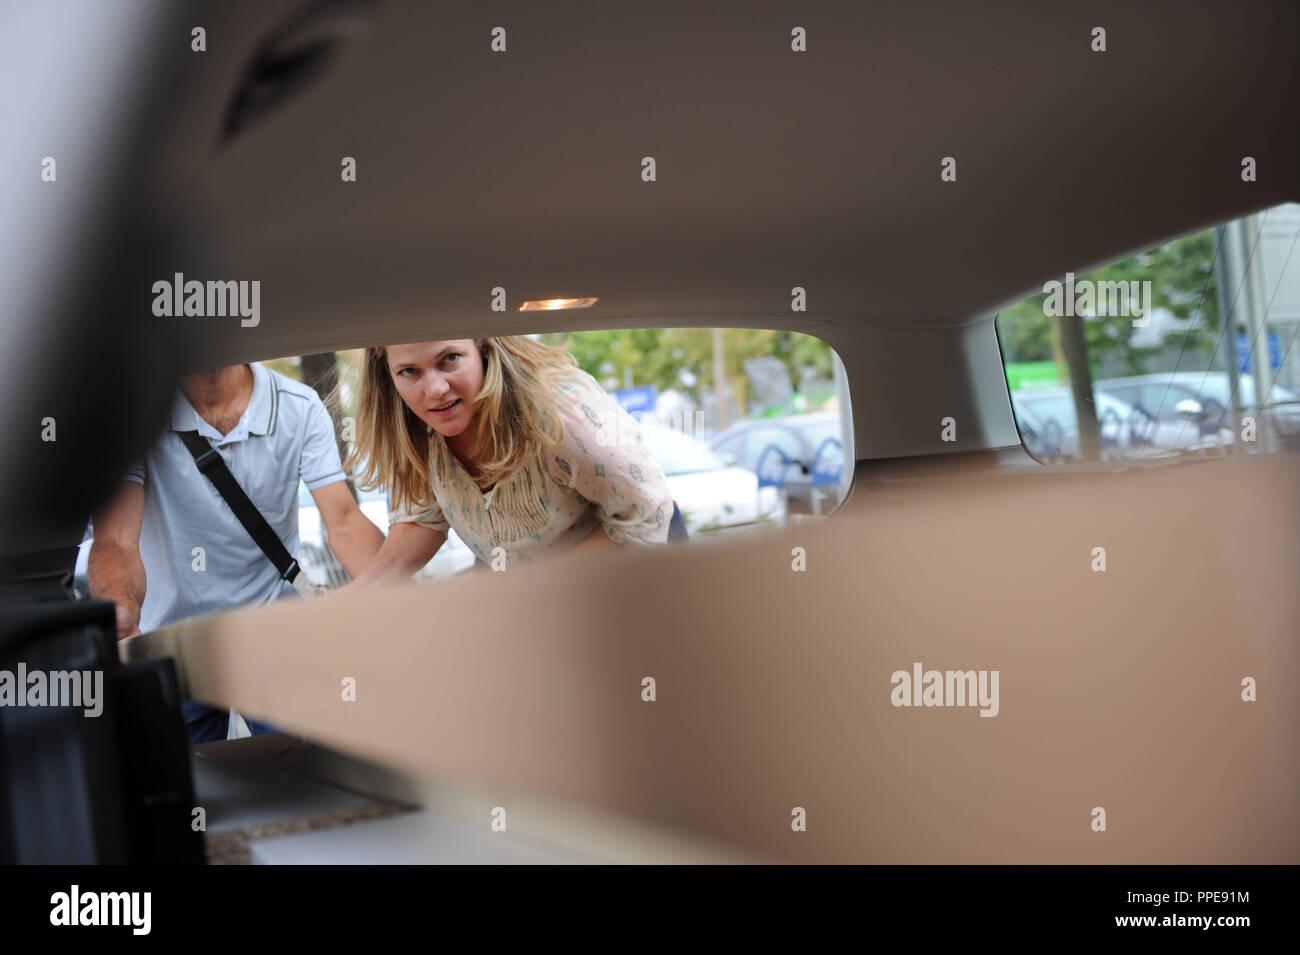 Un couple d'essayer de rentrer leurs achats Ikea dans la voiture. Photo Stock